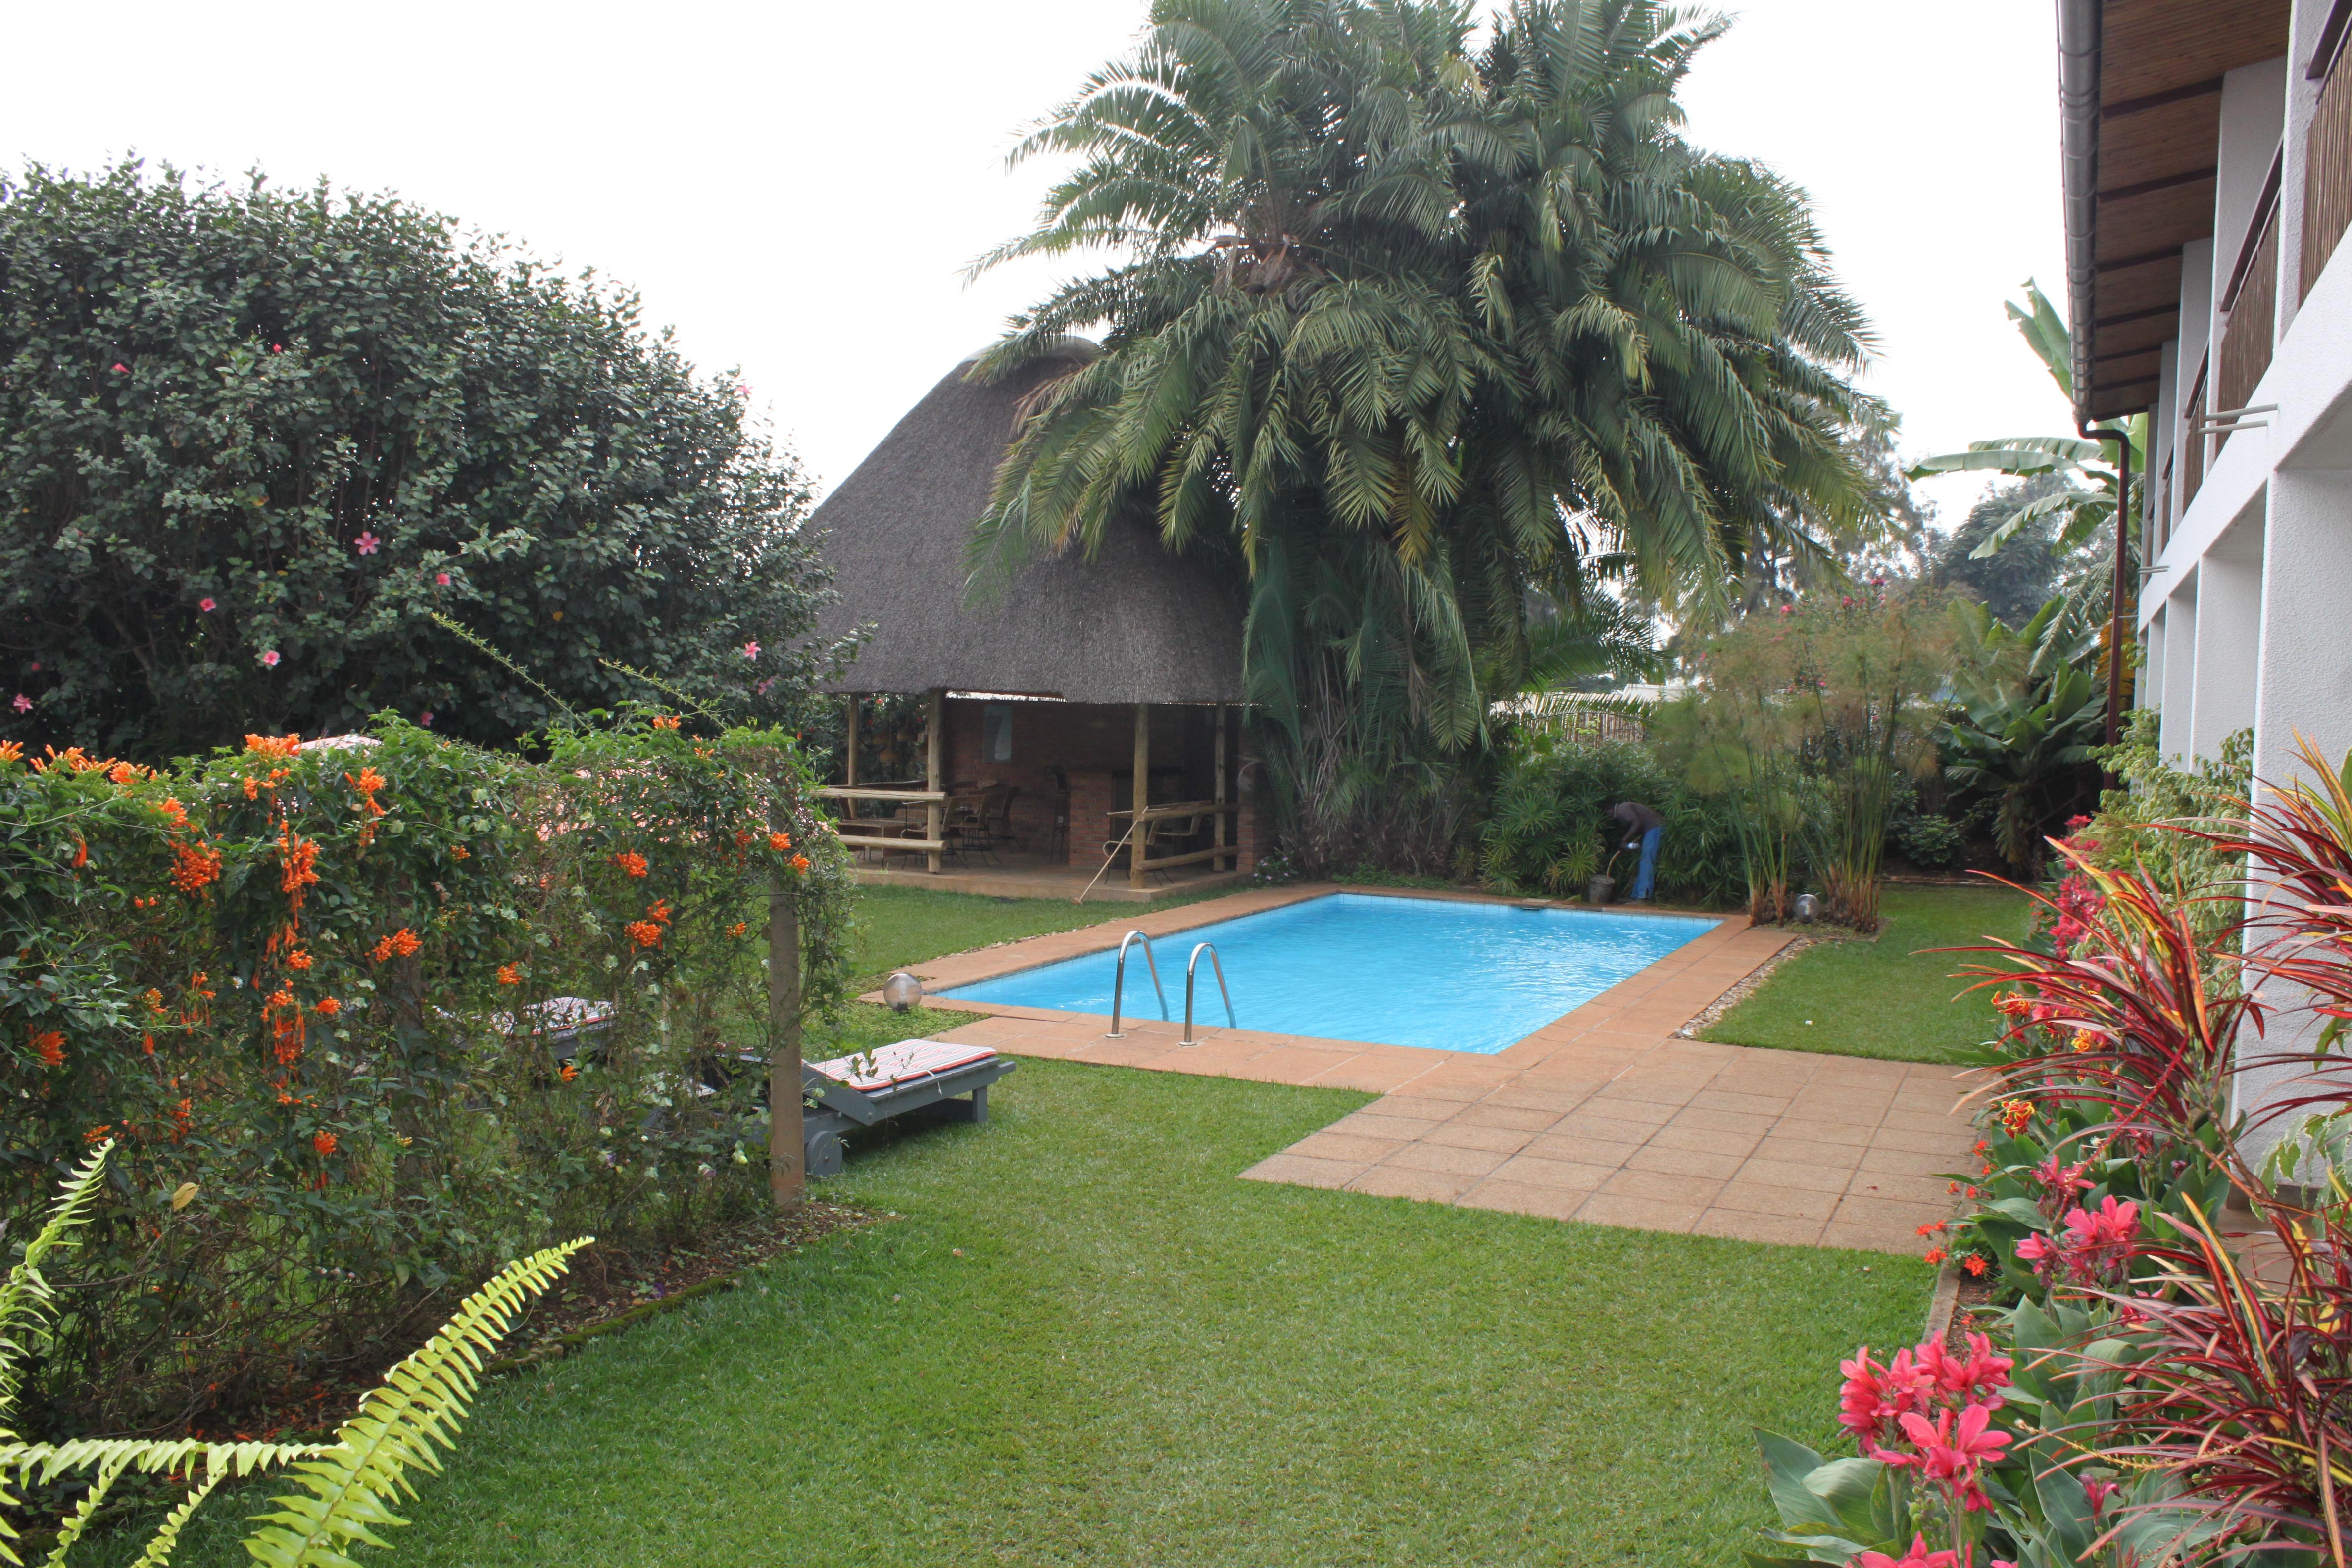 Mzungu, Mzungu